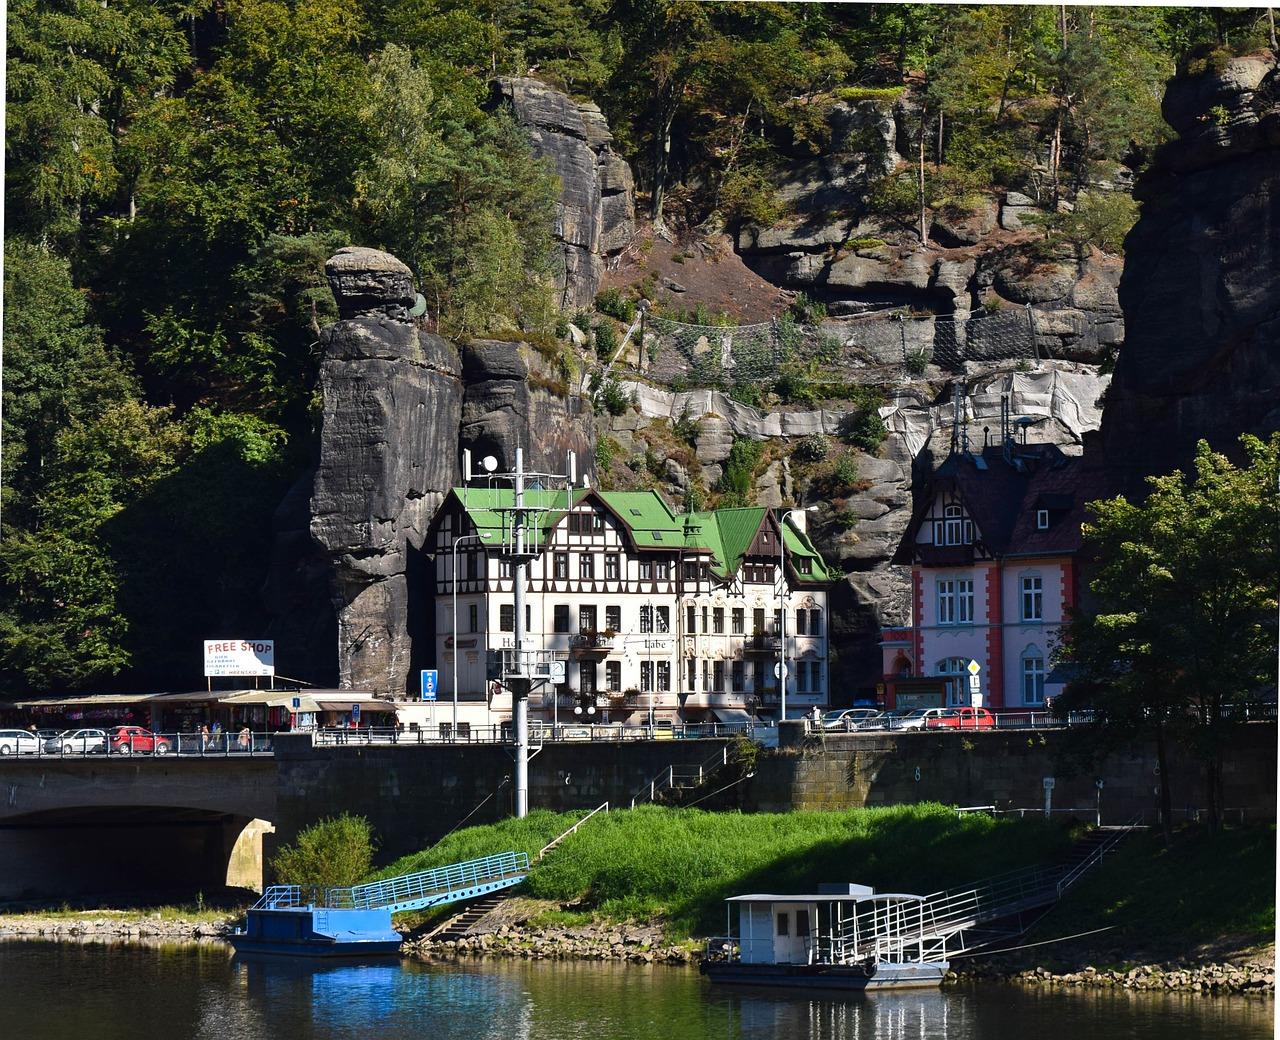 Elbsandsteingebirge.jpg?1561133508